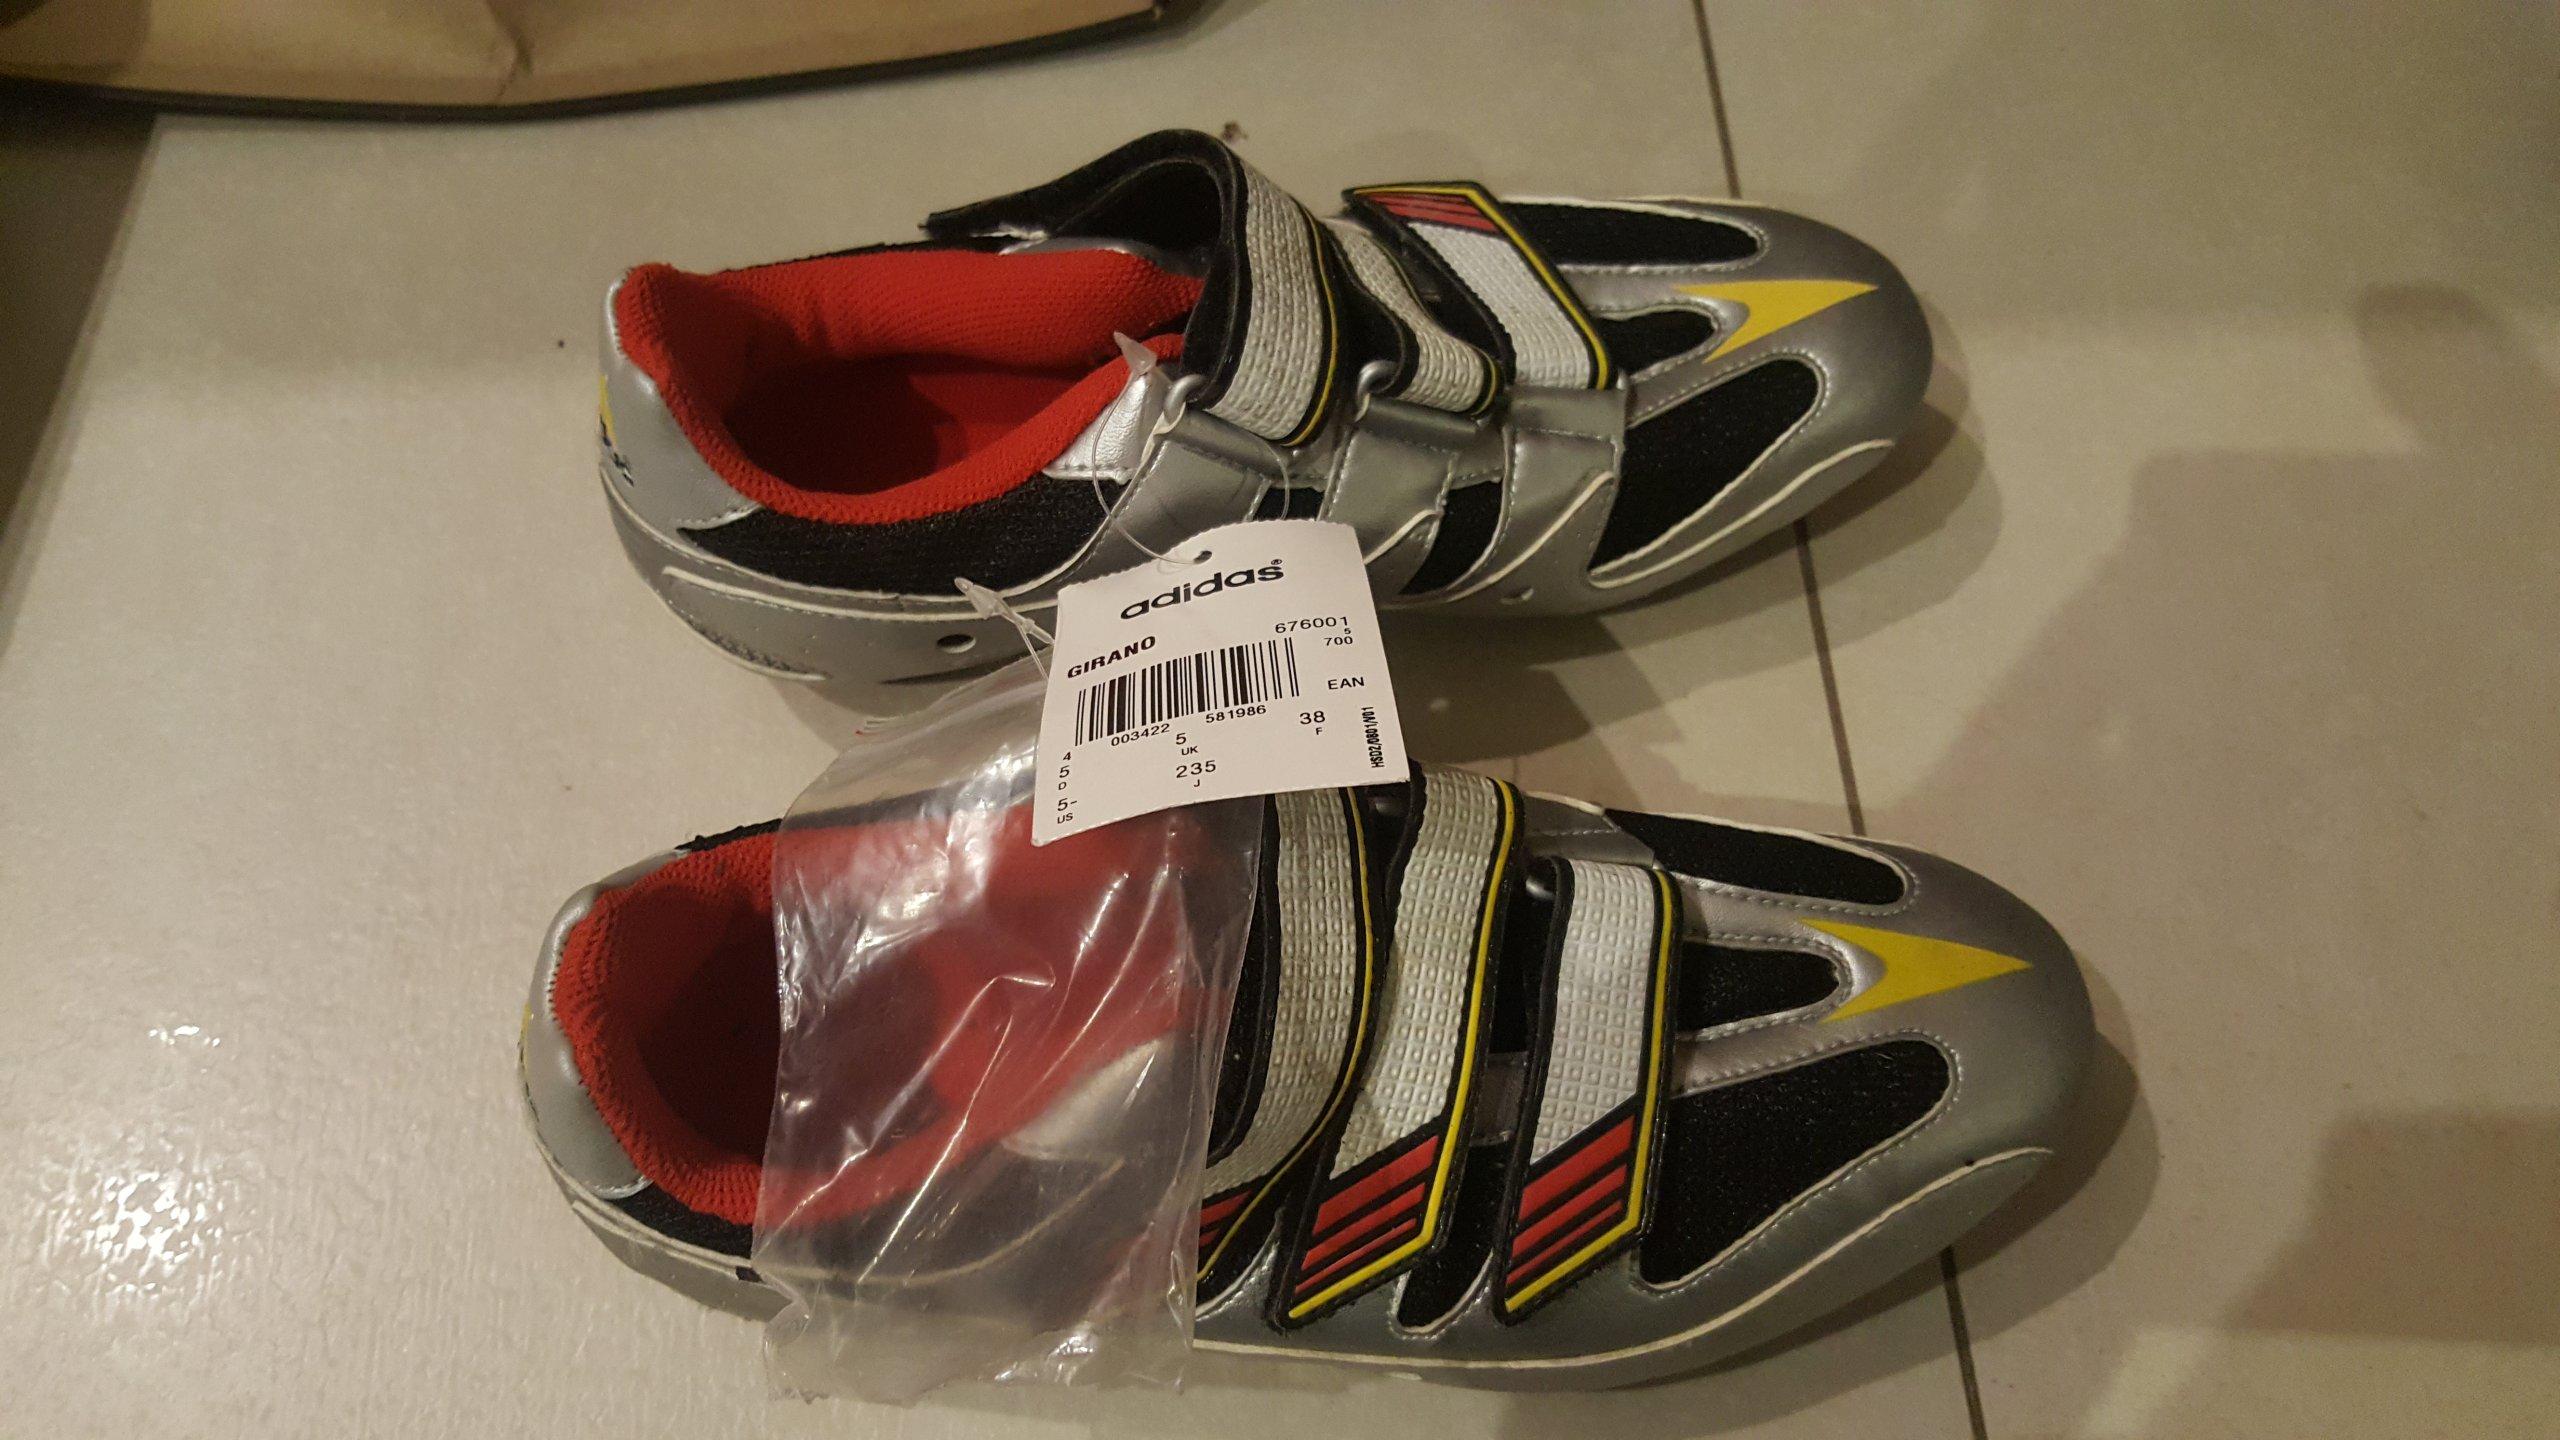 Buty szosowe Adidas Giriano 38 nowe